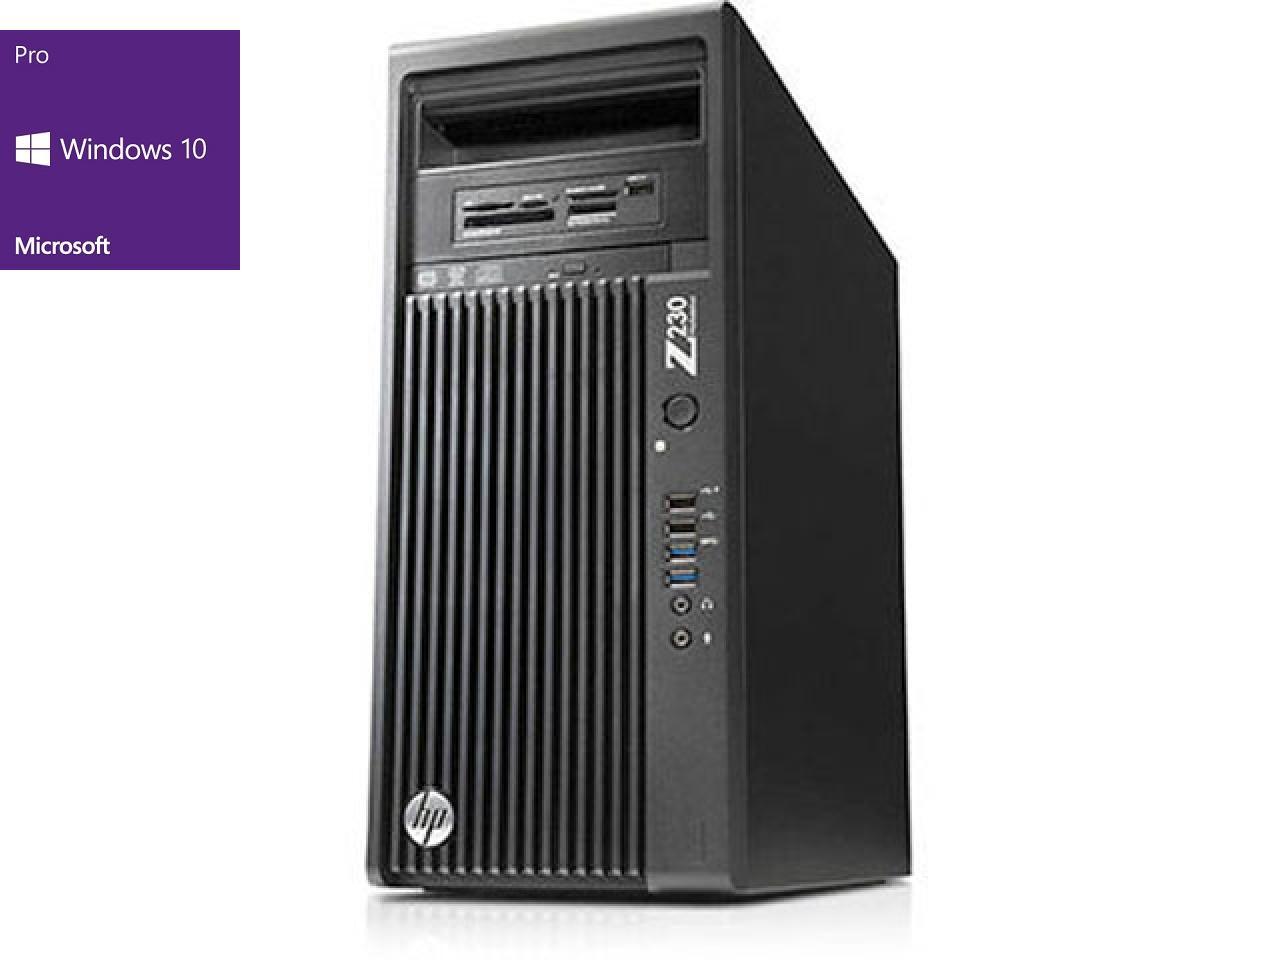 Hewlett Packard Z230 T  - shop.bb-net.de